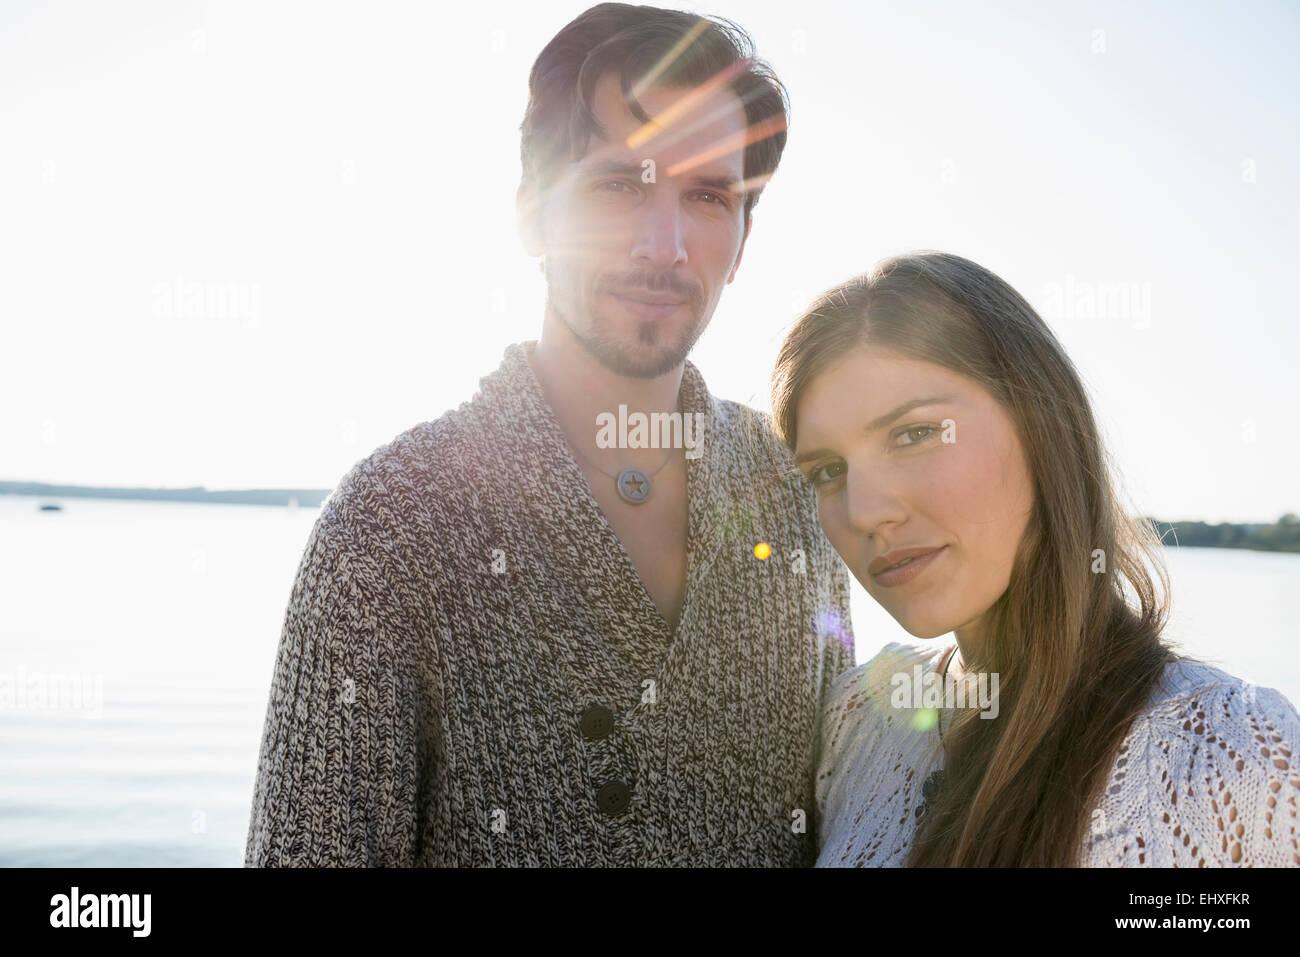 Porträt-junges Paar romantischen Sonnenuntergang See Stockbild